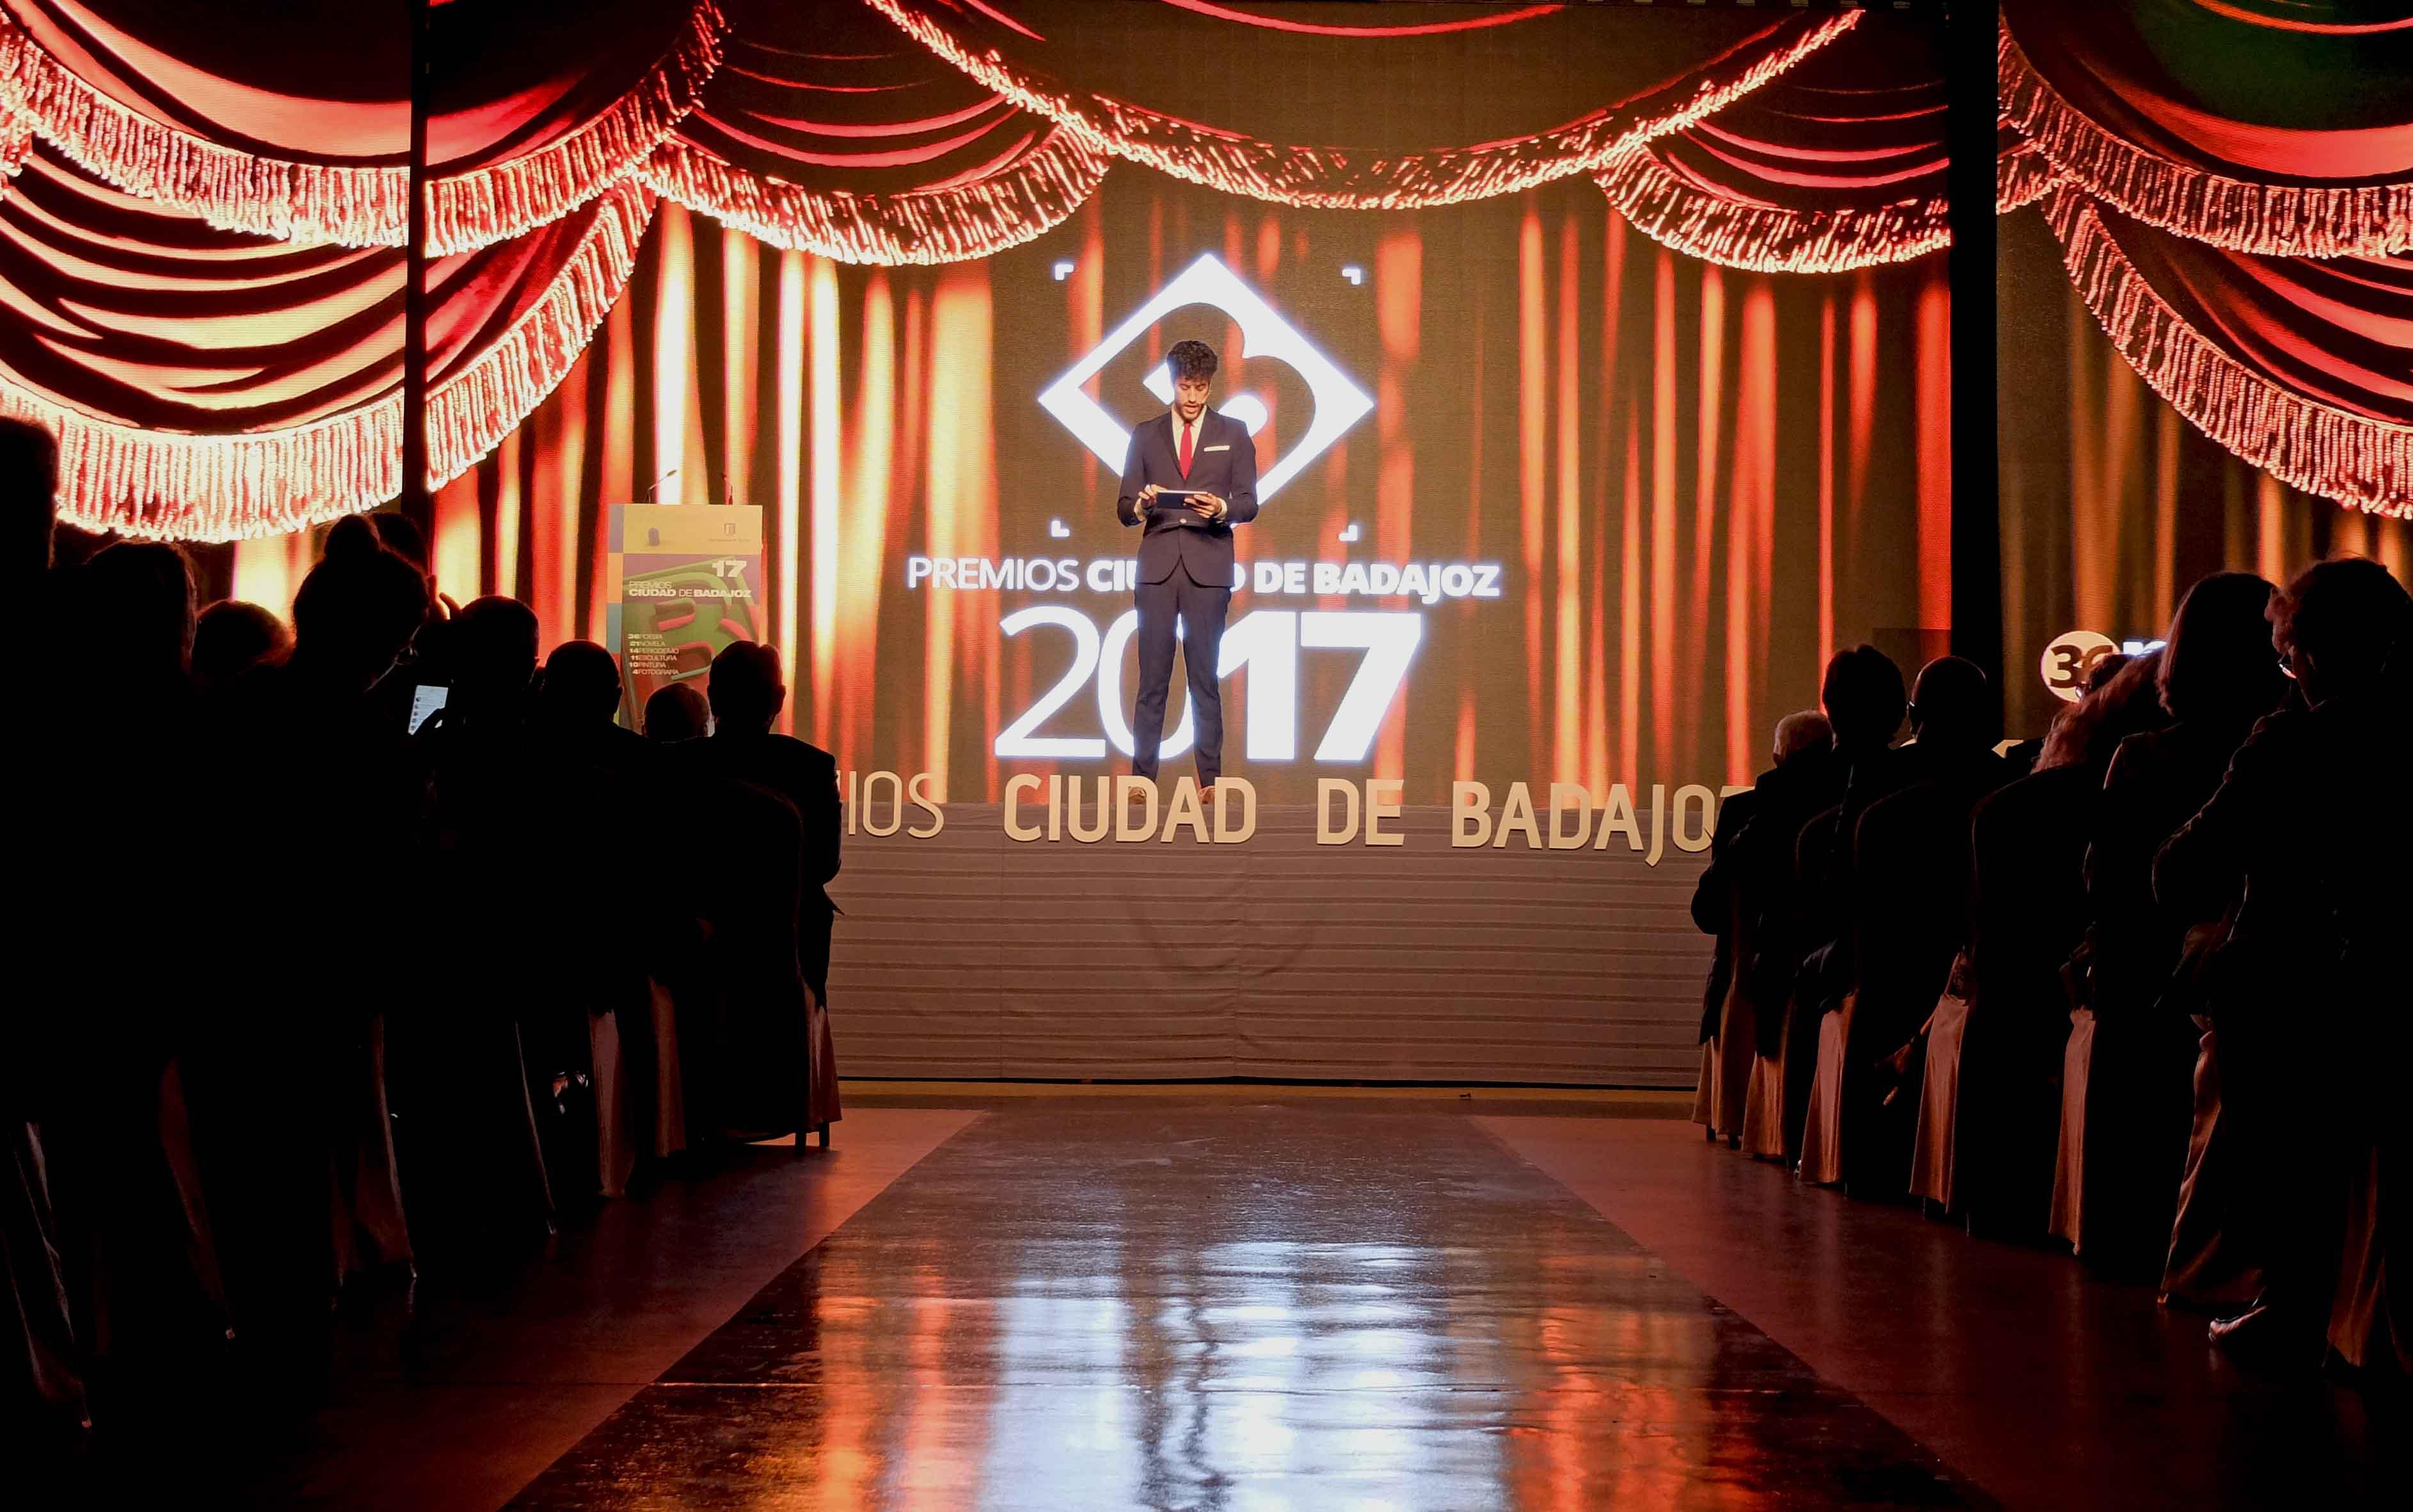 premios-ciudad-badajoz02-2017-culturabadajoz